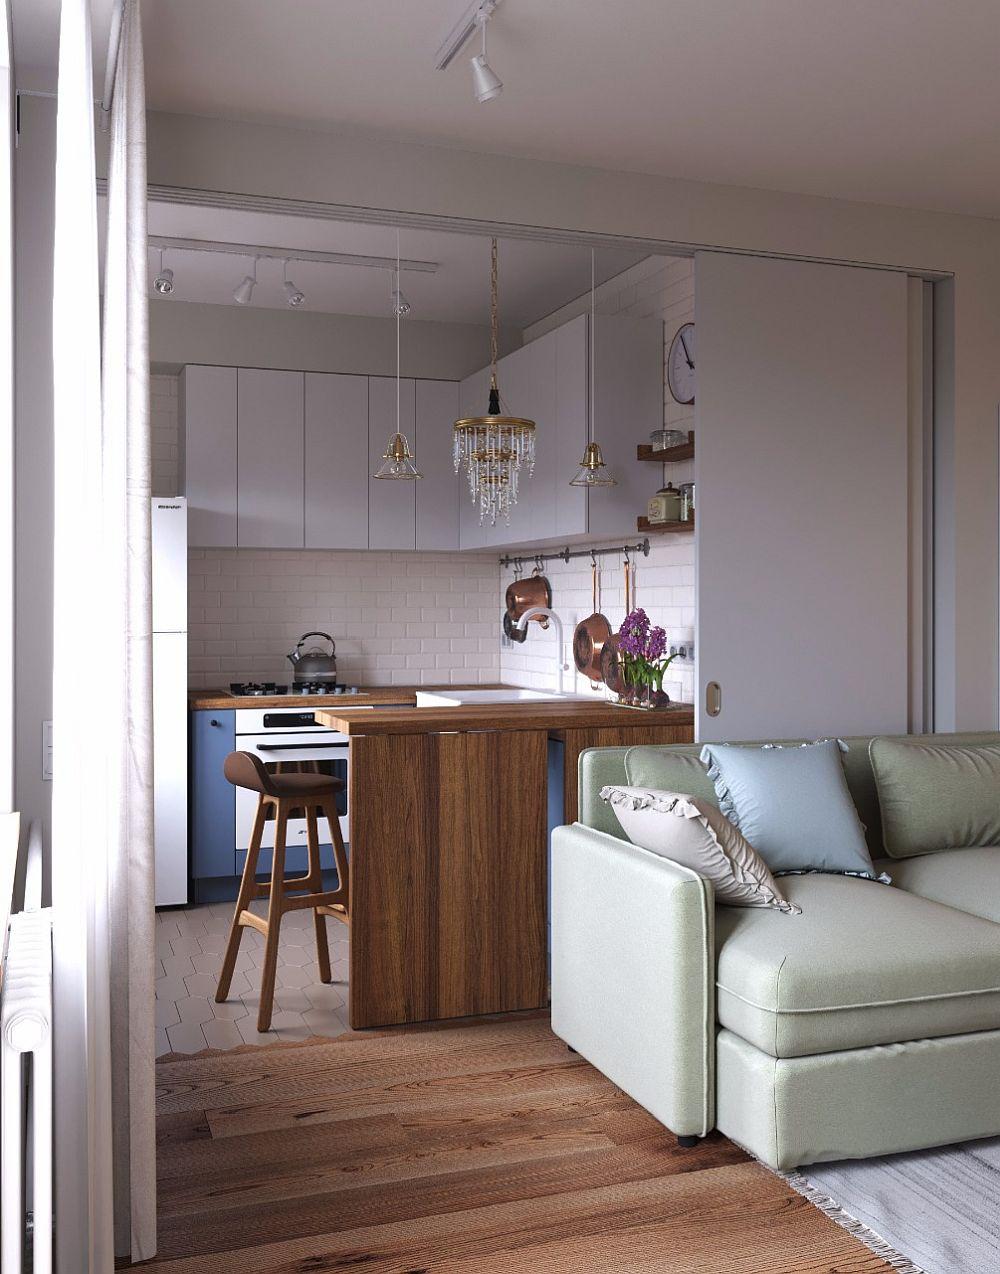 Bucătăria poate fi separată cu ajutorul unor uși culisante, care odată închise apar ca un perete în spatele canapelei. În bucătărie pardoseala este finisată cu aceleași plăci ceramice de la Equipe Ceramicas care se găsesc în holul de la intrare.